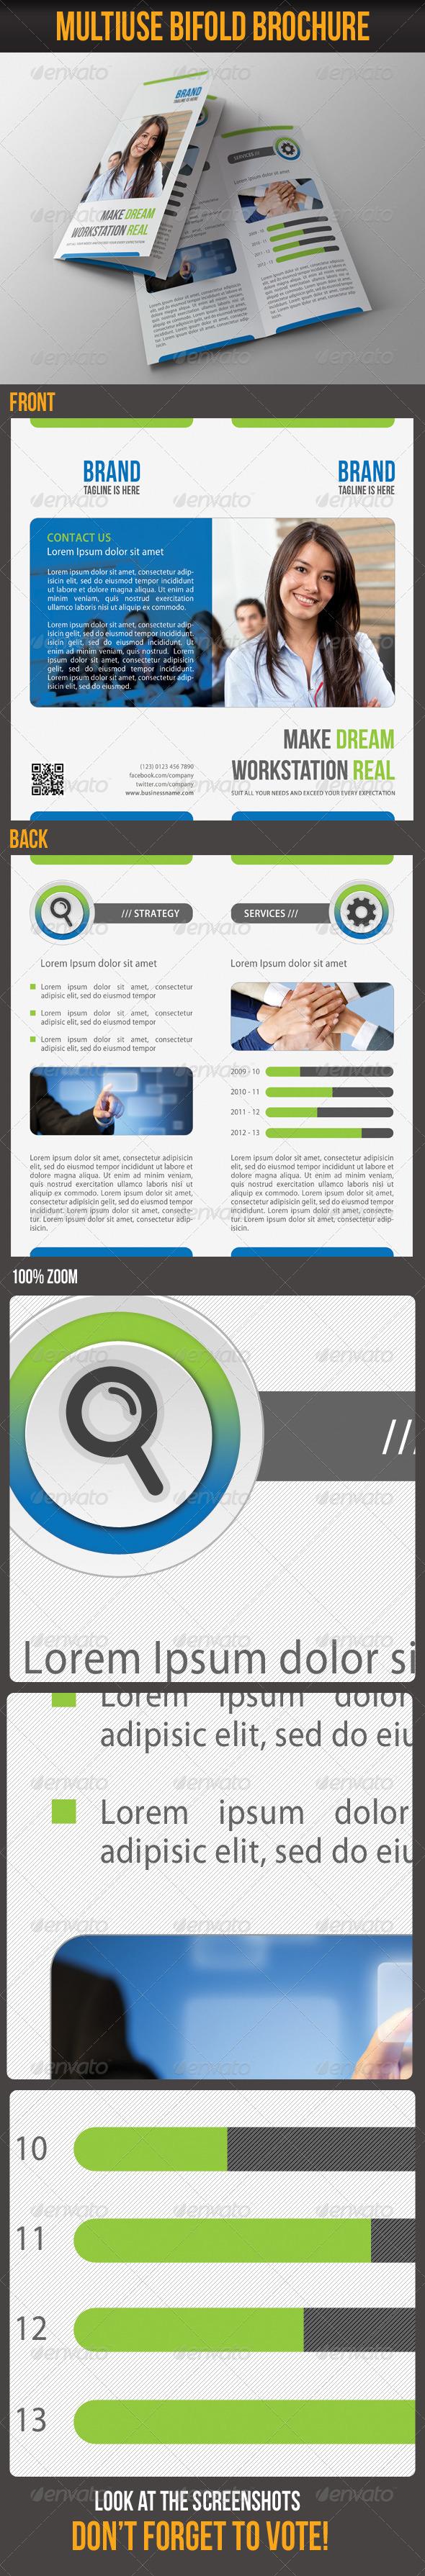 Multiuse Bifold Brochure 05 - Corporate Brochures